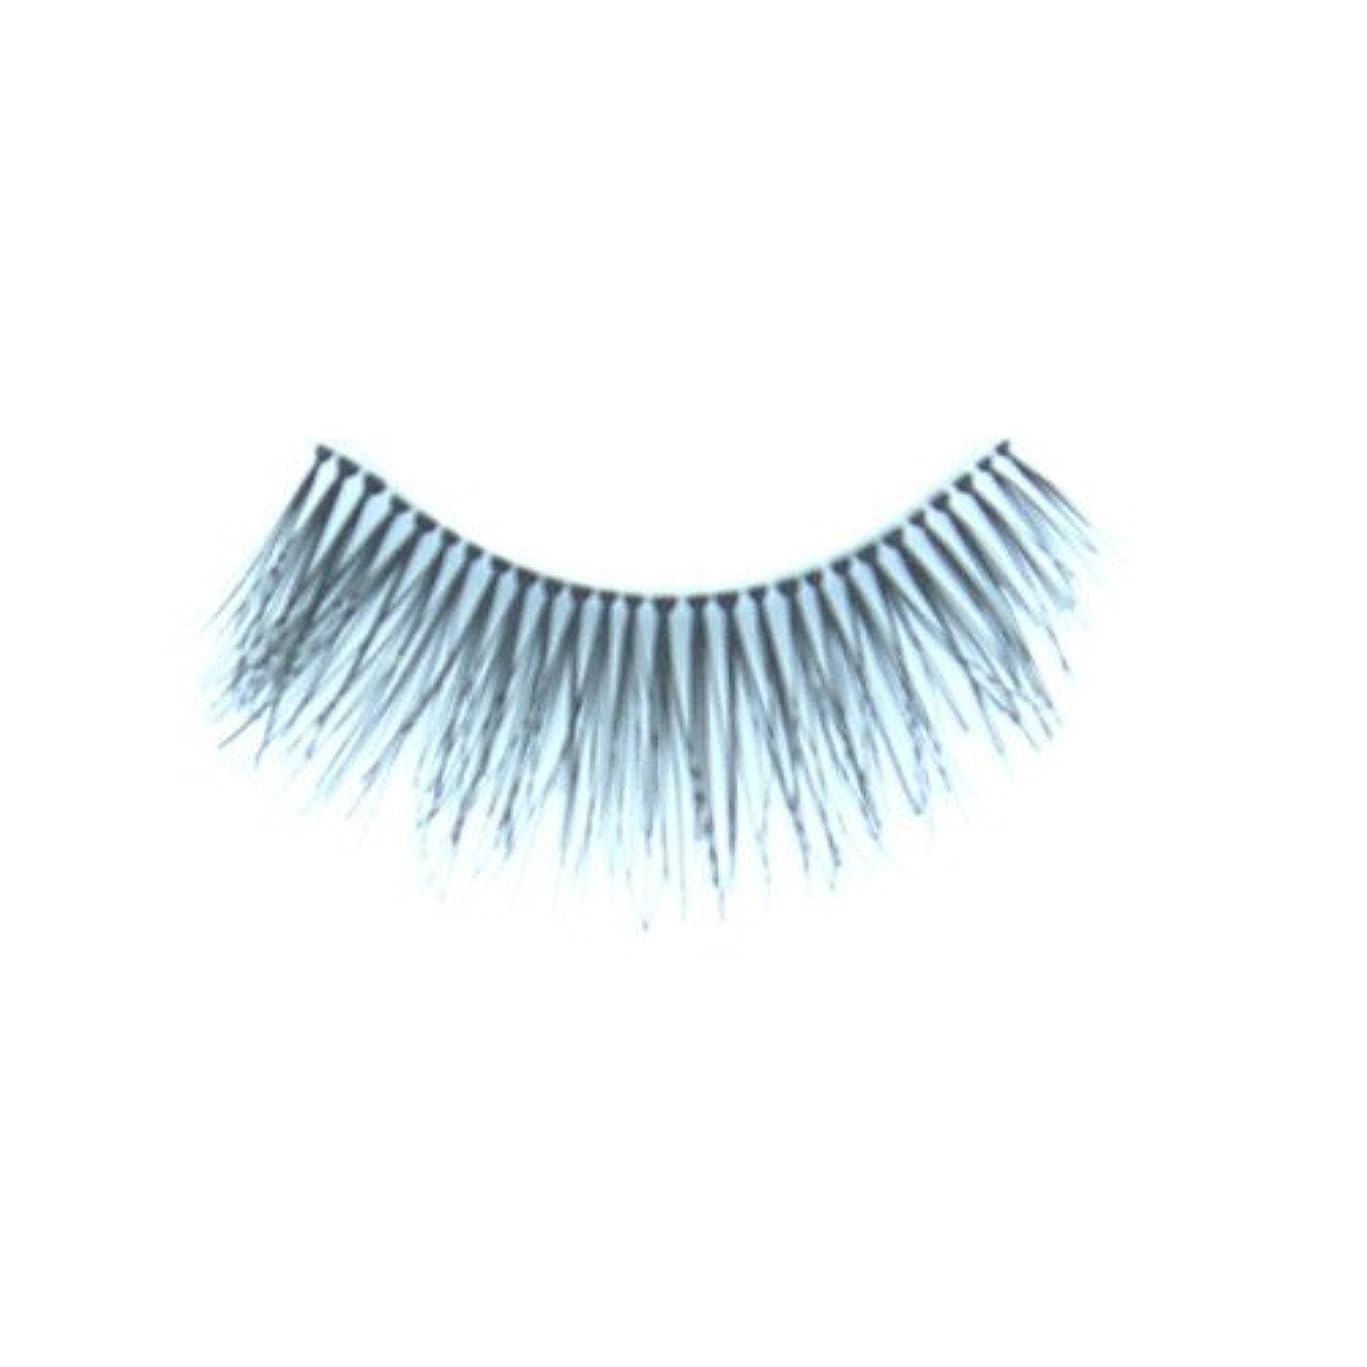 生命体最初はぺディカブCHERRY BLOSSOM False Eyelashes 2 - CBFLIW12 (並行輸入品)